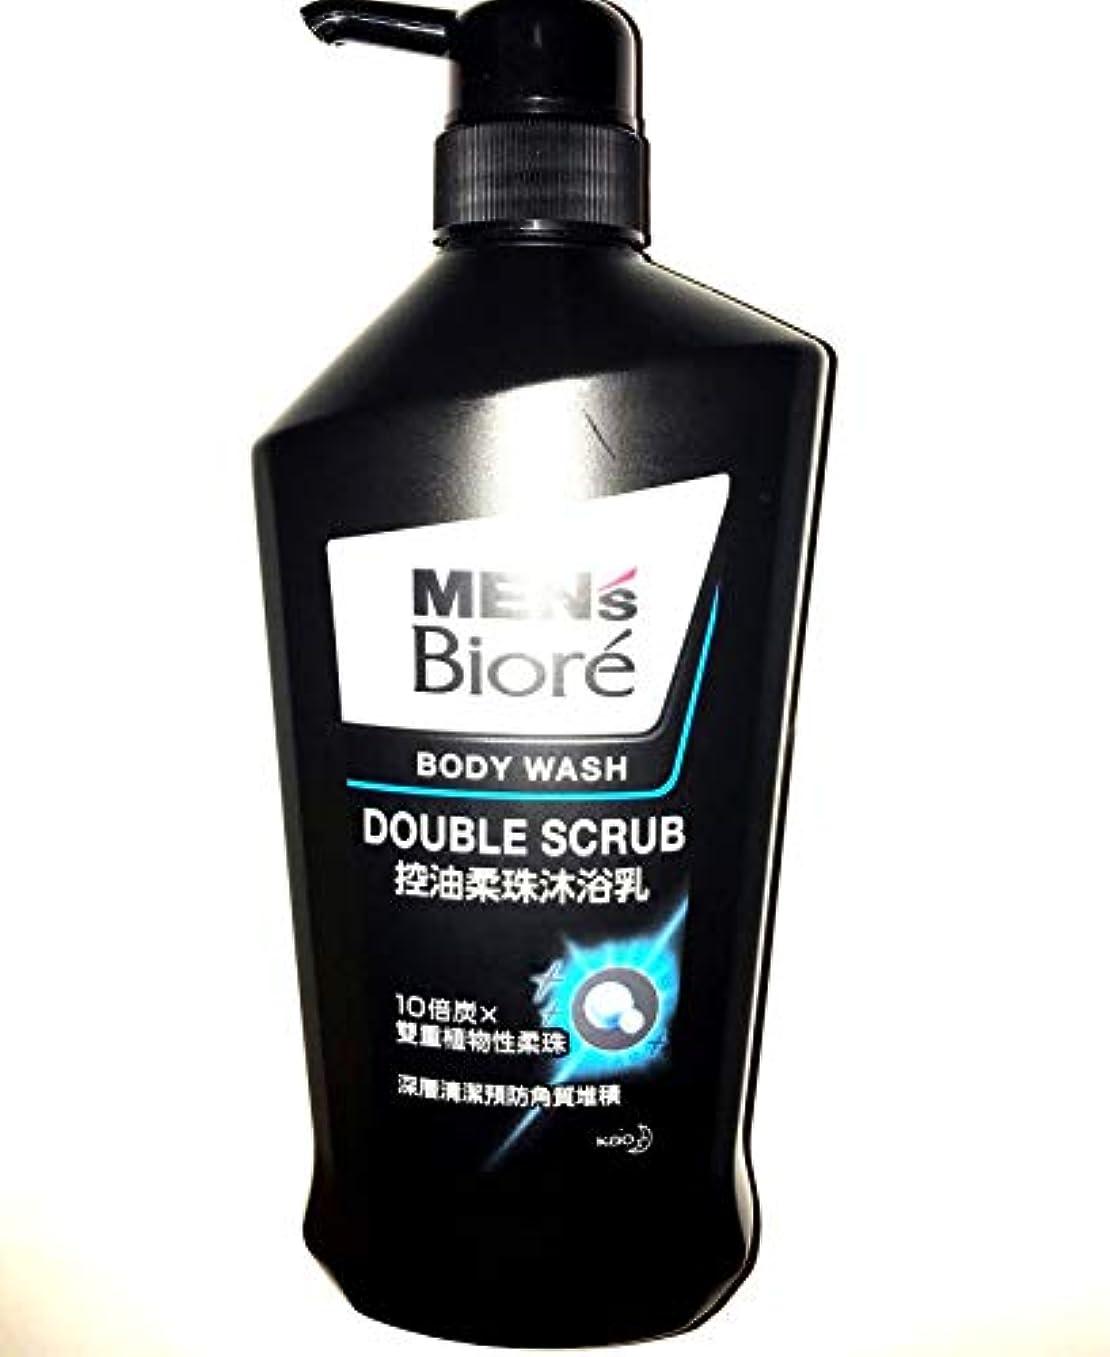 大洪水ズーム気候MEN's Biore メンズビオレ ダブルスクラブボディウォッシュ 750ml